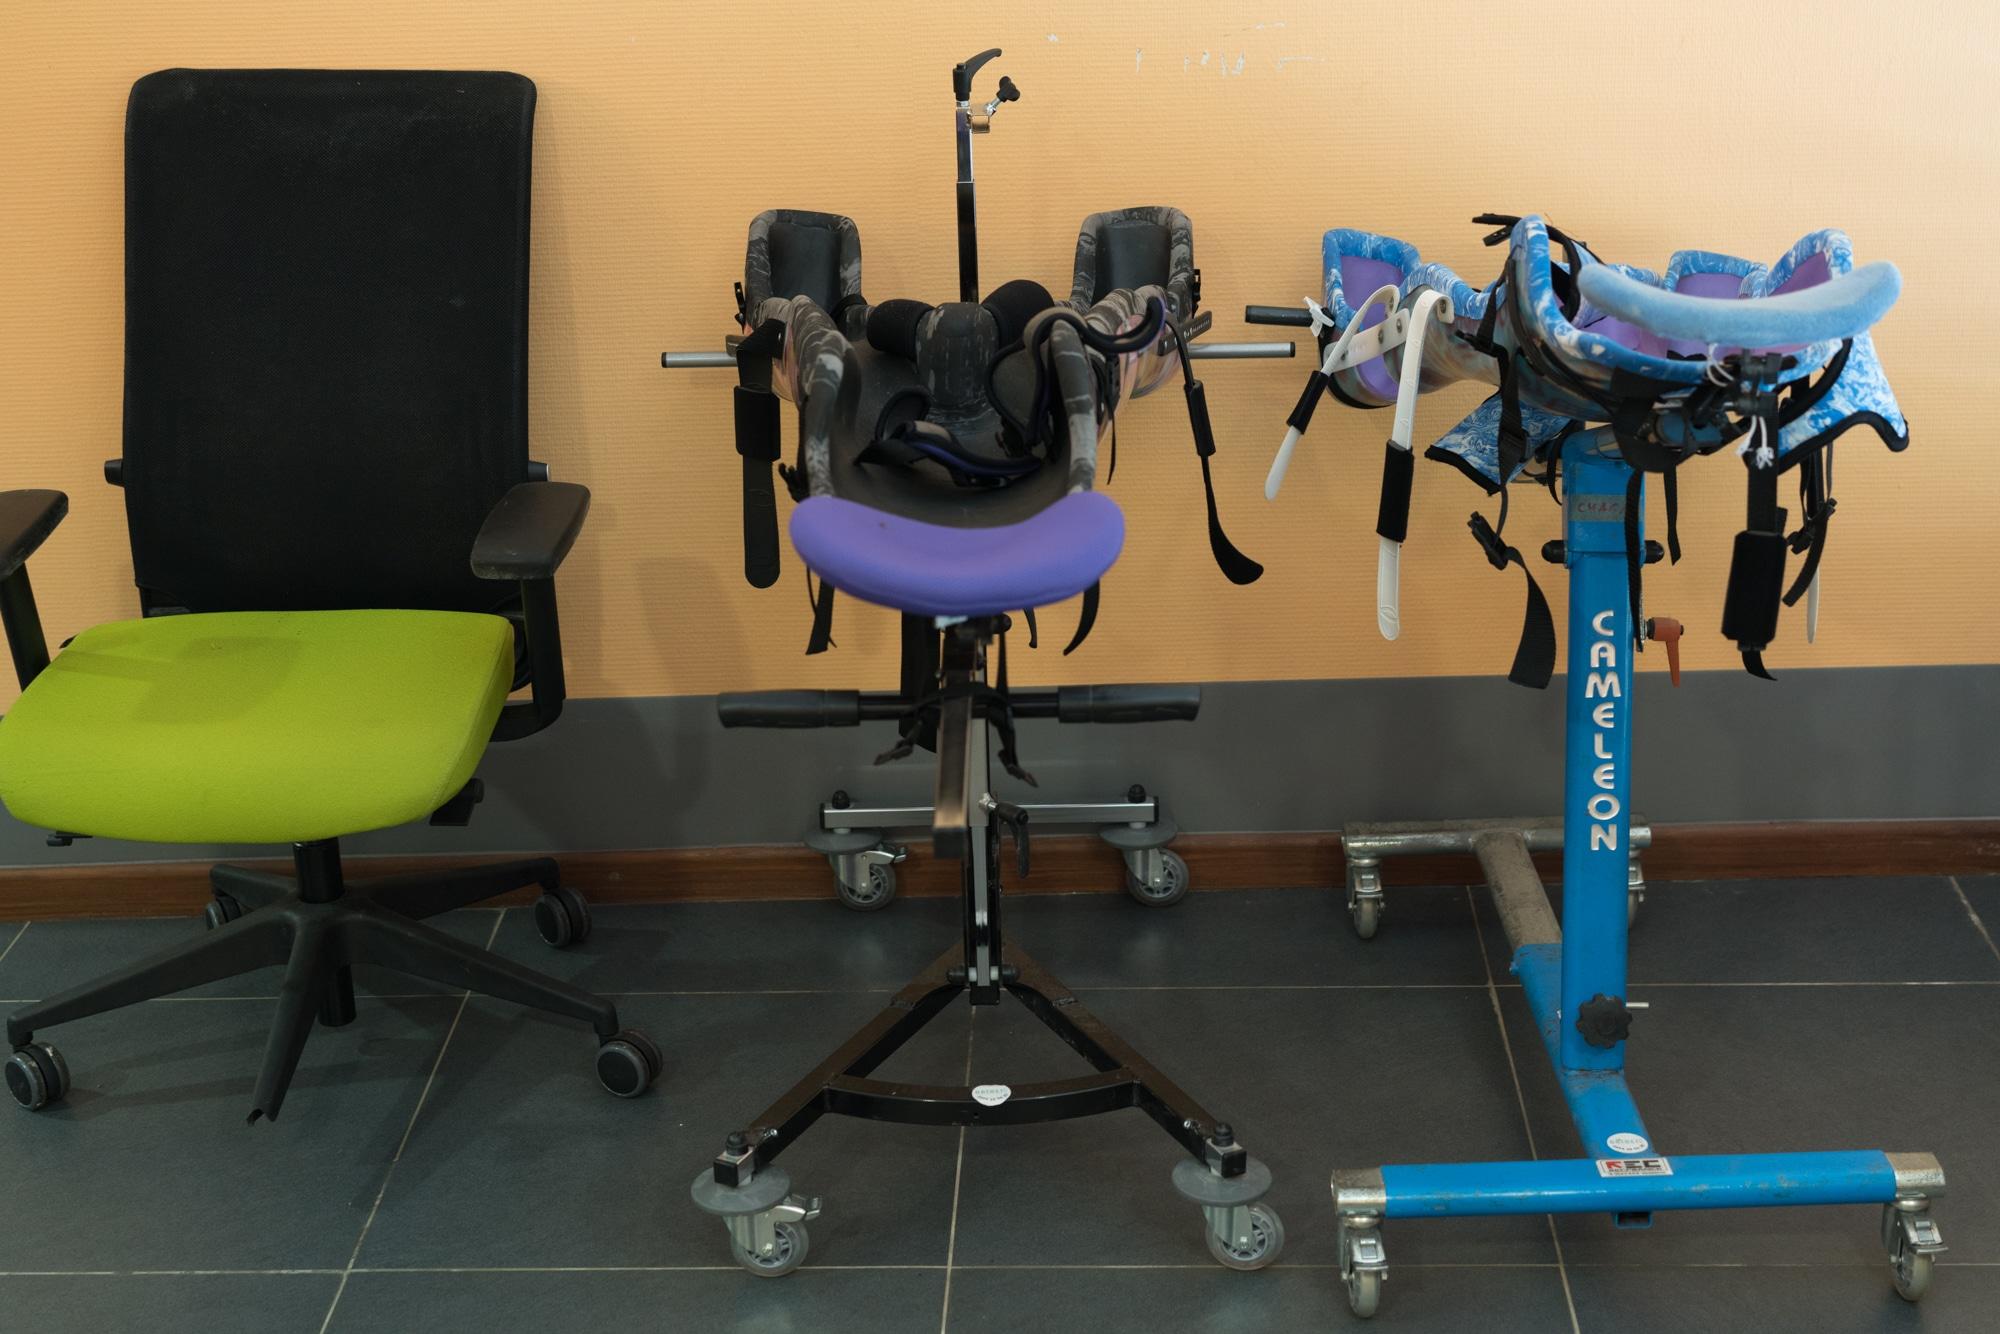 Une chaise est placée à côté de deux chaises de transport pour enfants.